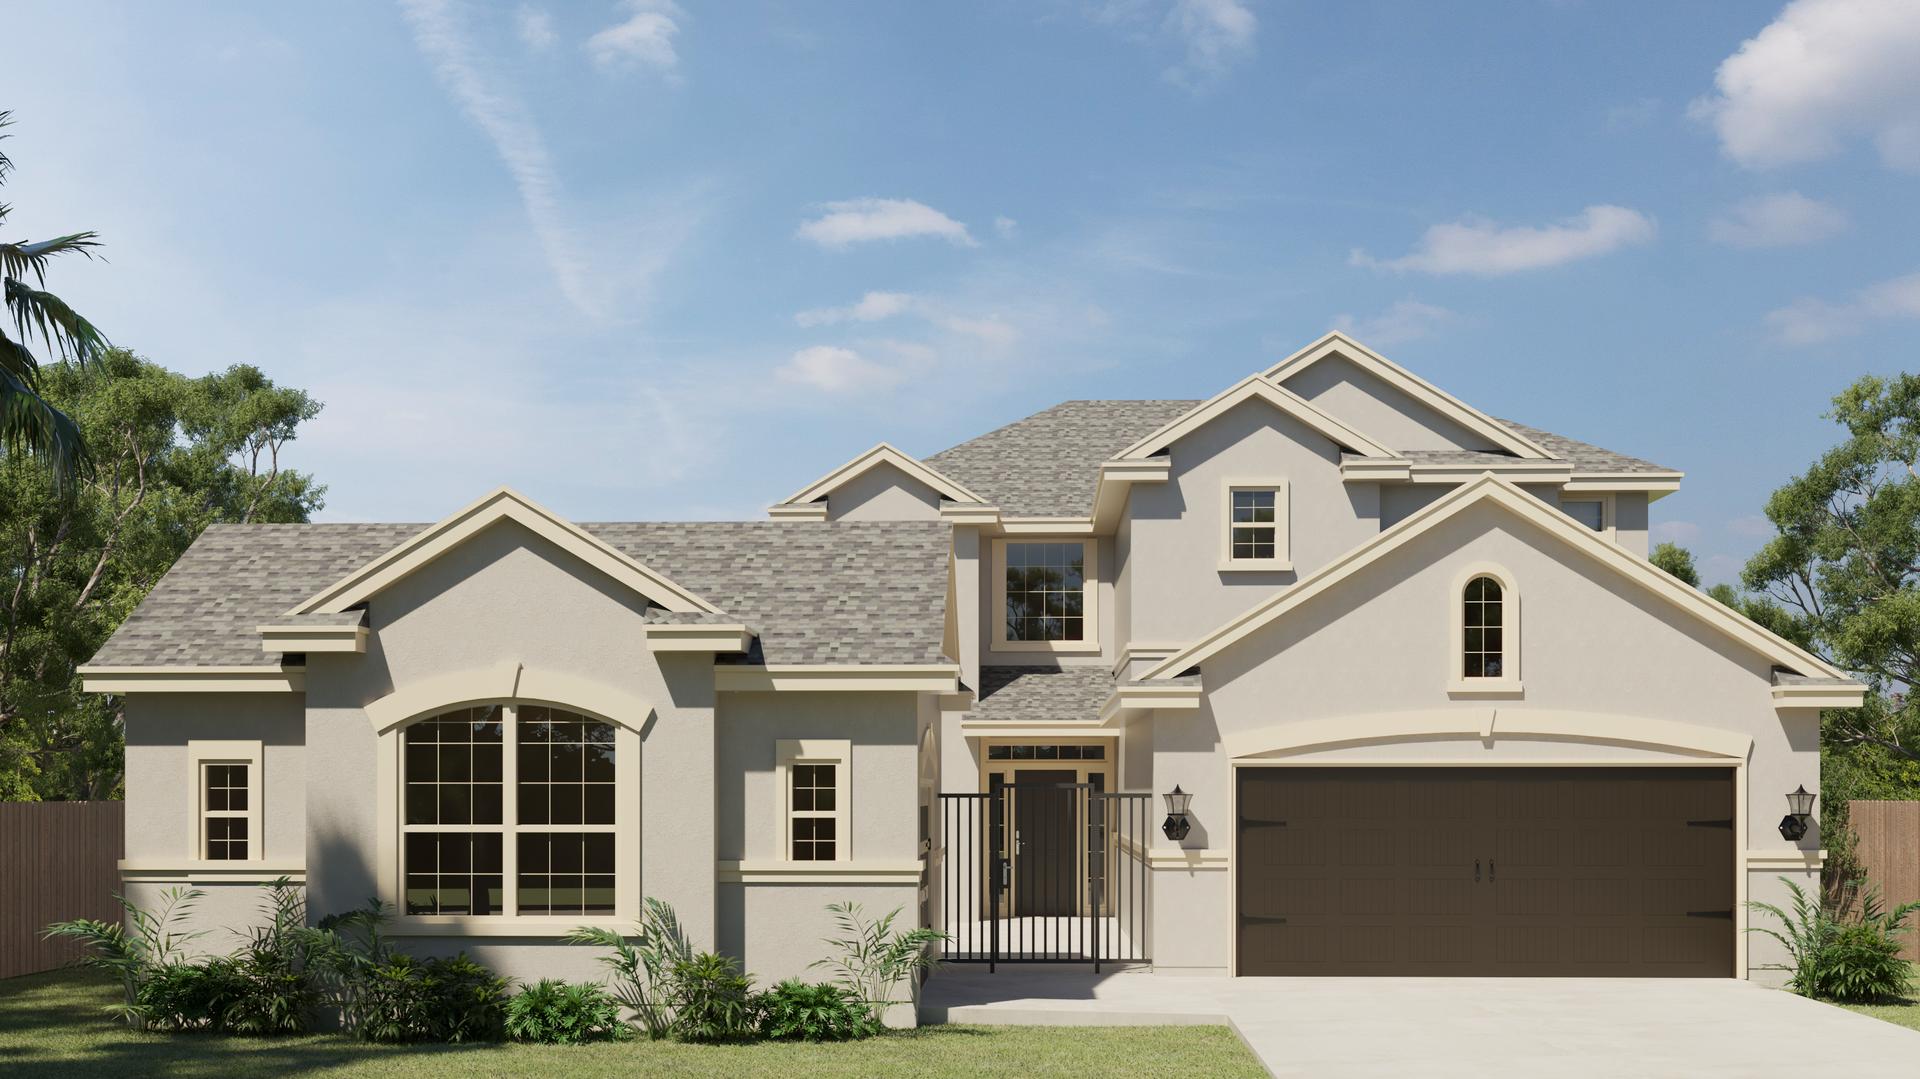 The Valero new home in McAllen , TX